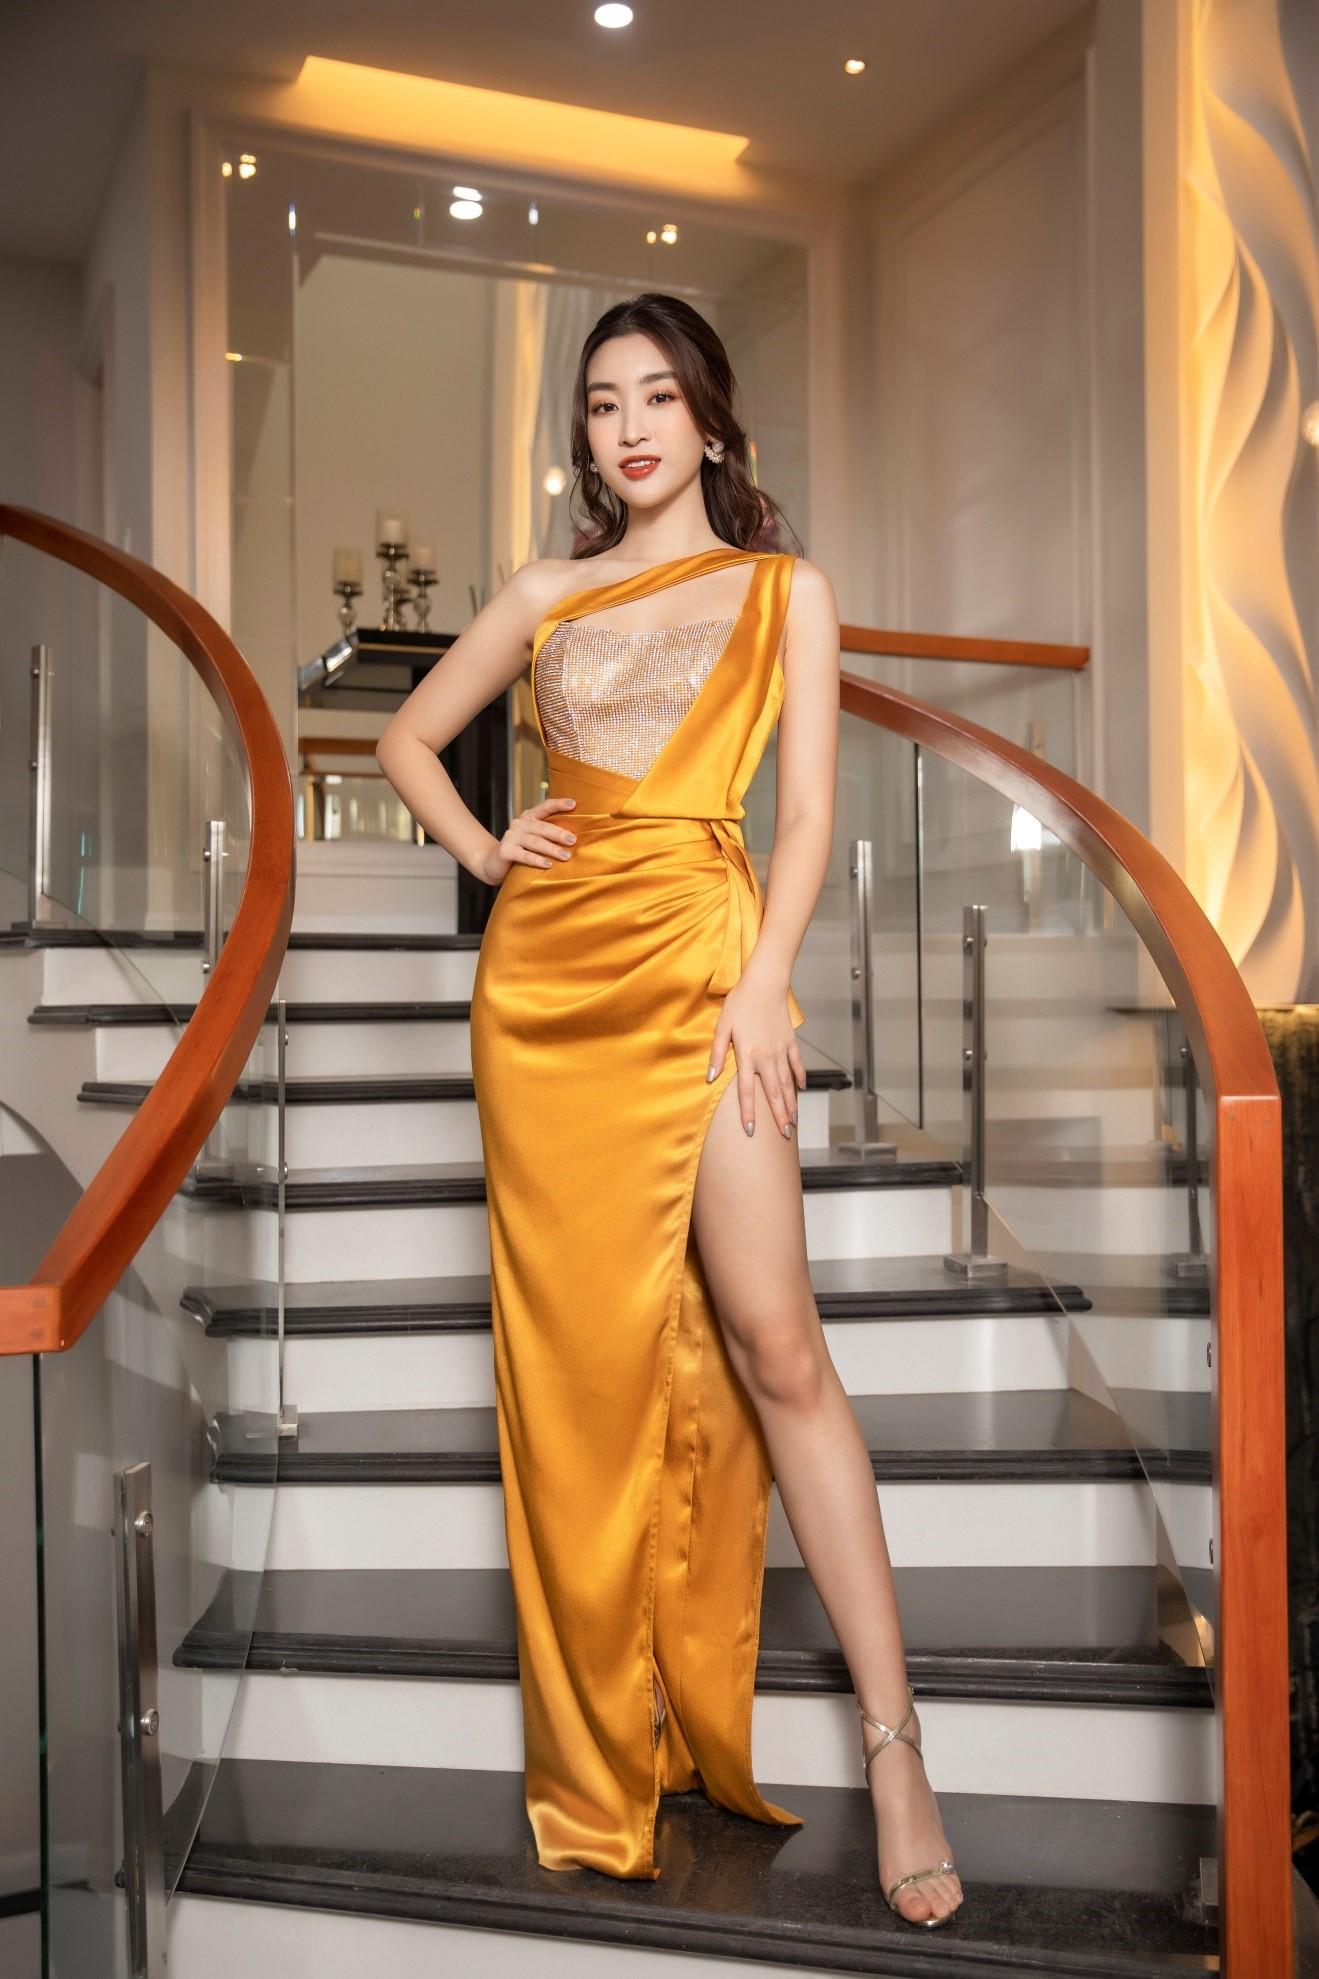 Hoa hậu Đỗ Mỹ Linh trở thành đại sứ thương hiệu Thẩm mỹ Quốc tế Linh Anh - Ảnh 1